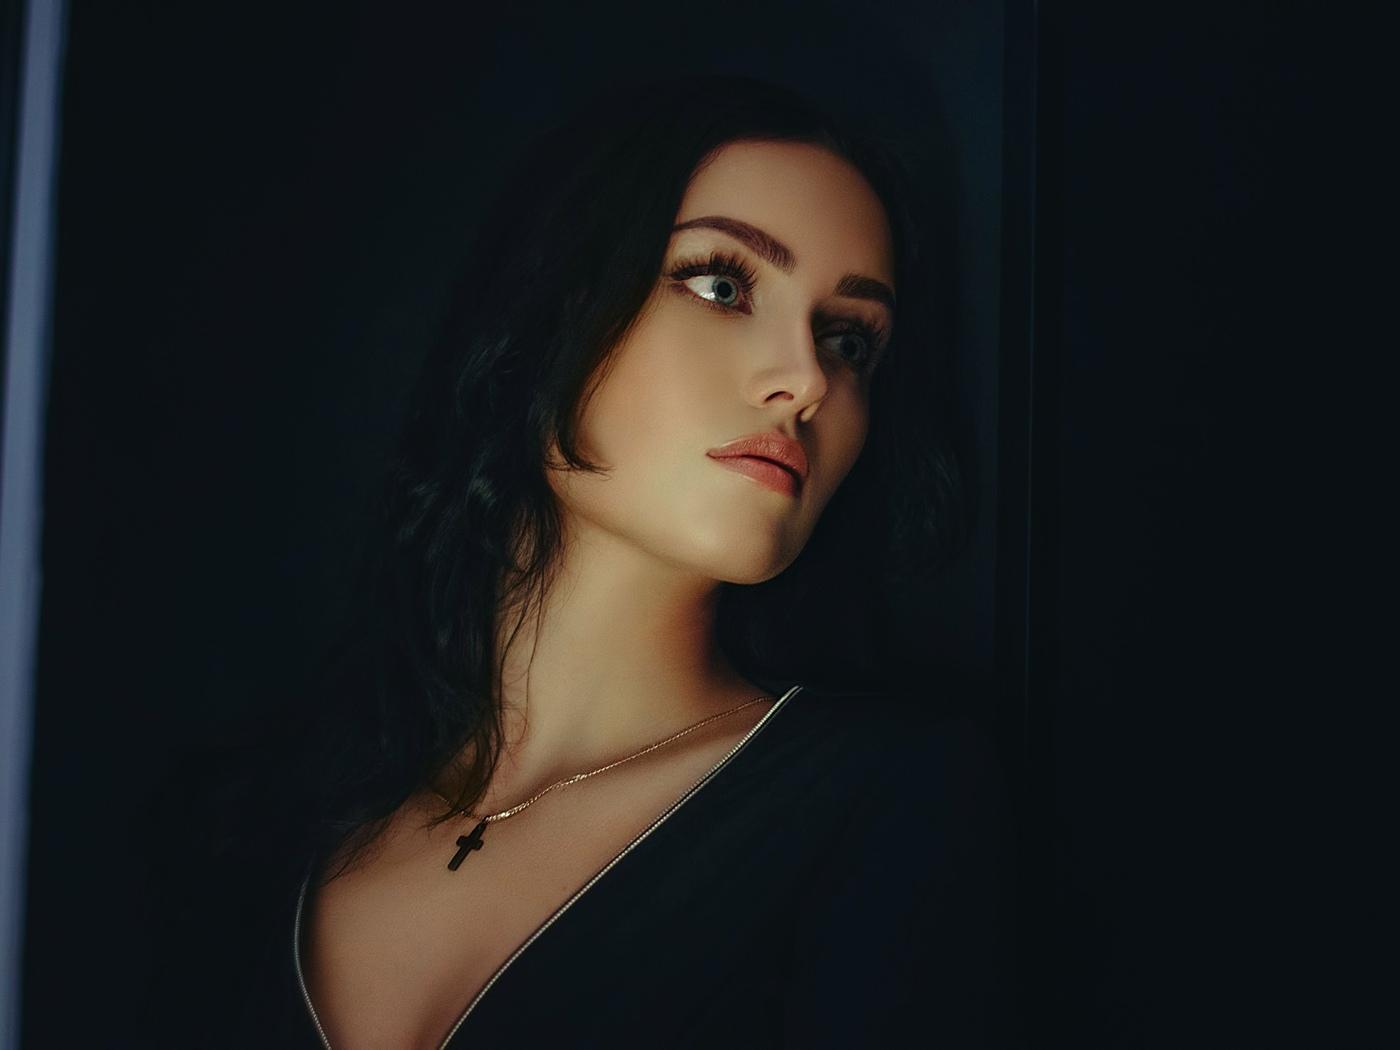 kseniya kalinovskaya, женщины, лицо, портрет, глядя, ожерелье, зеленые глаза, черные волосы